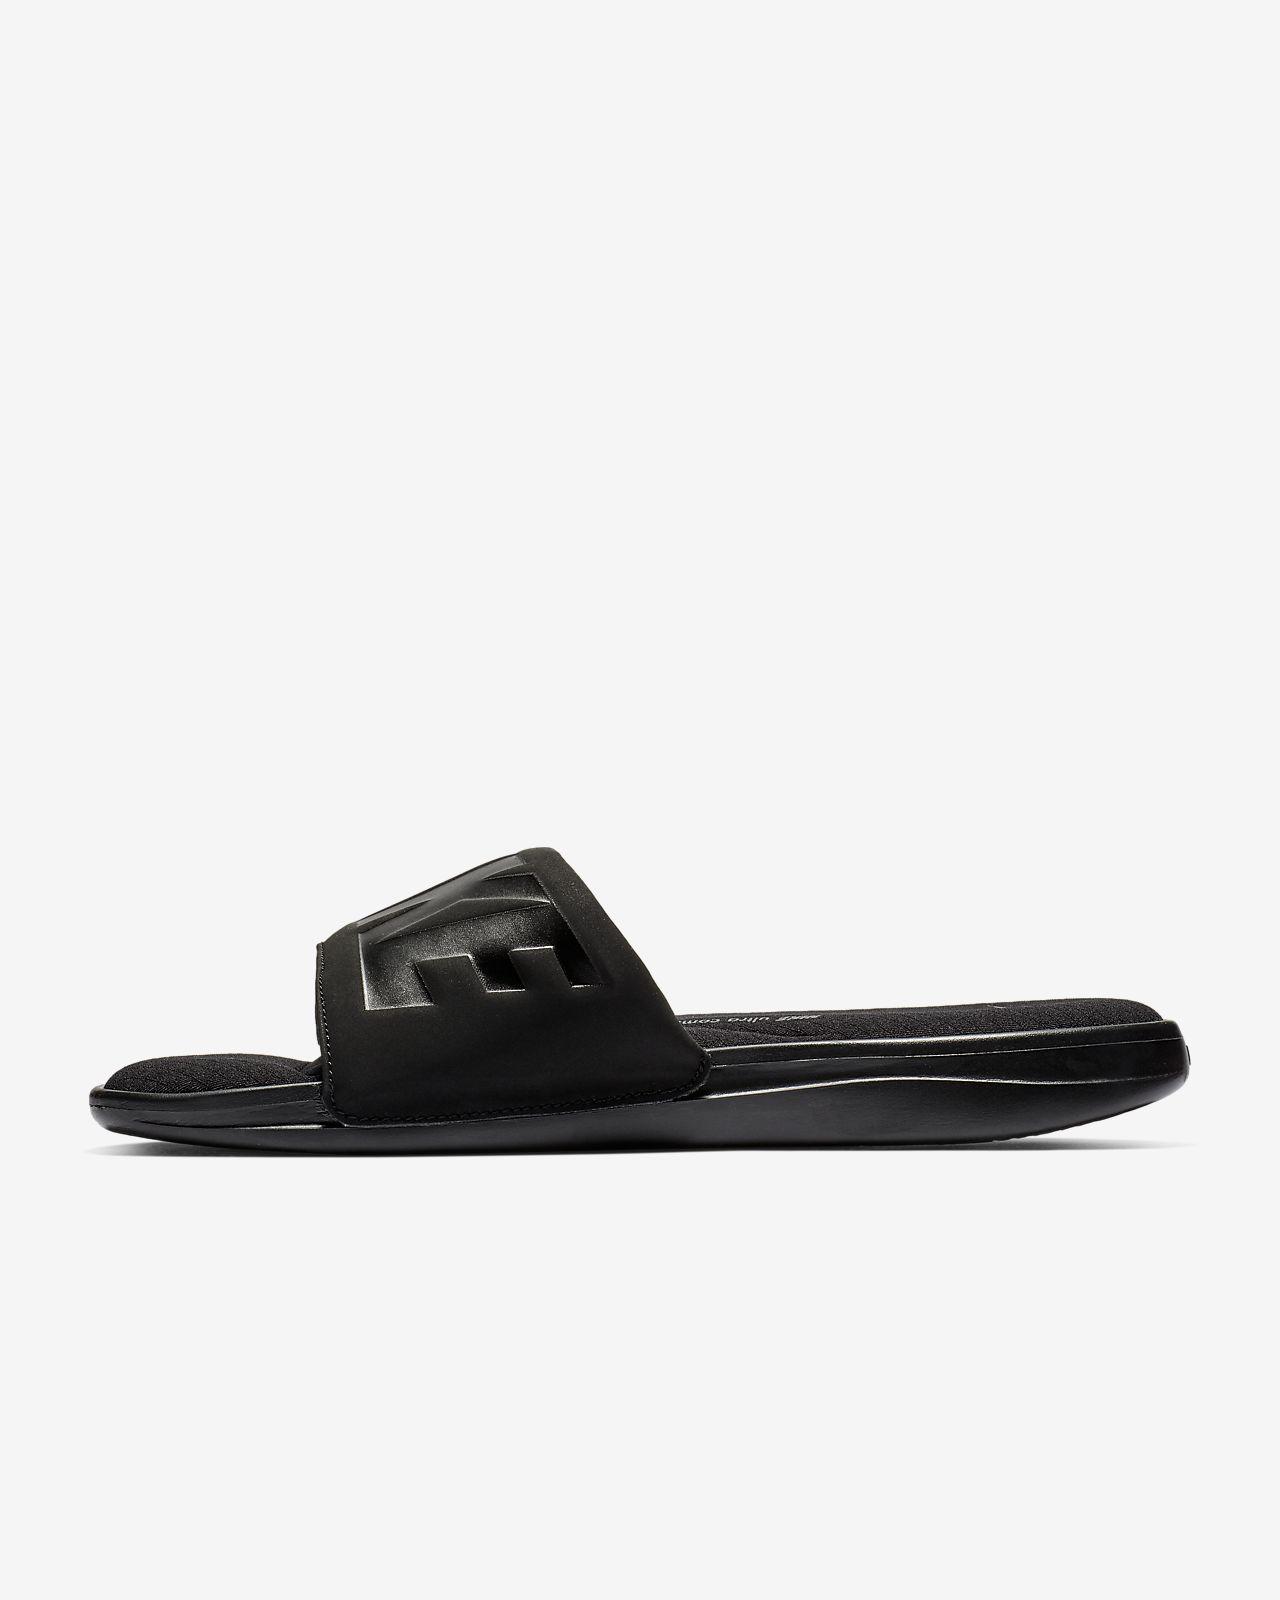 newest 830cd 8d0d7 ... Nike Ultra Comfort 3 Men s Slide